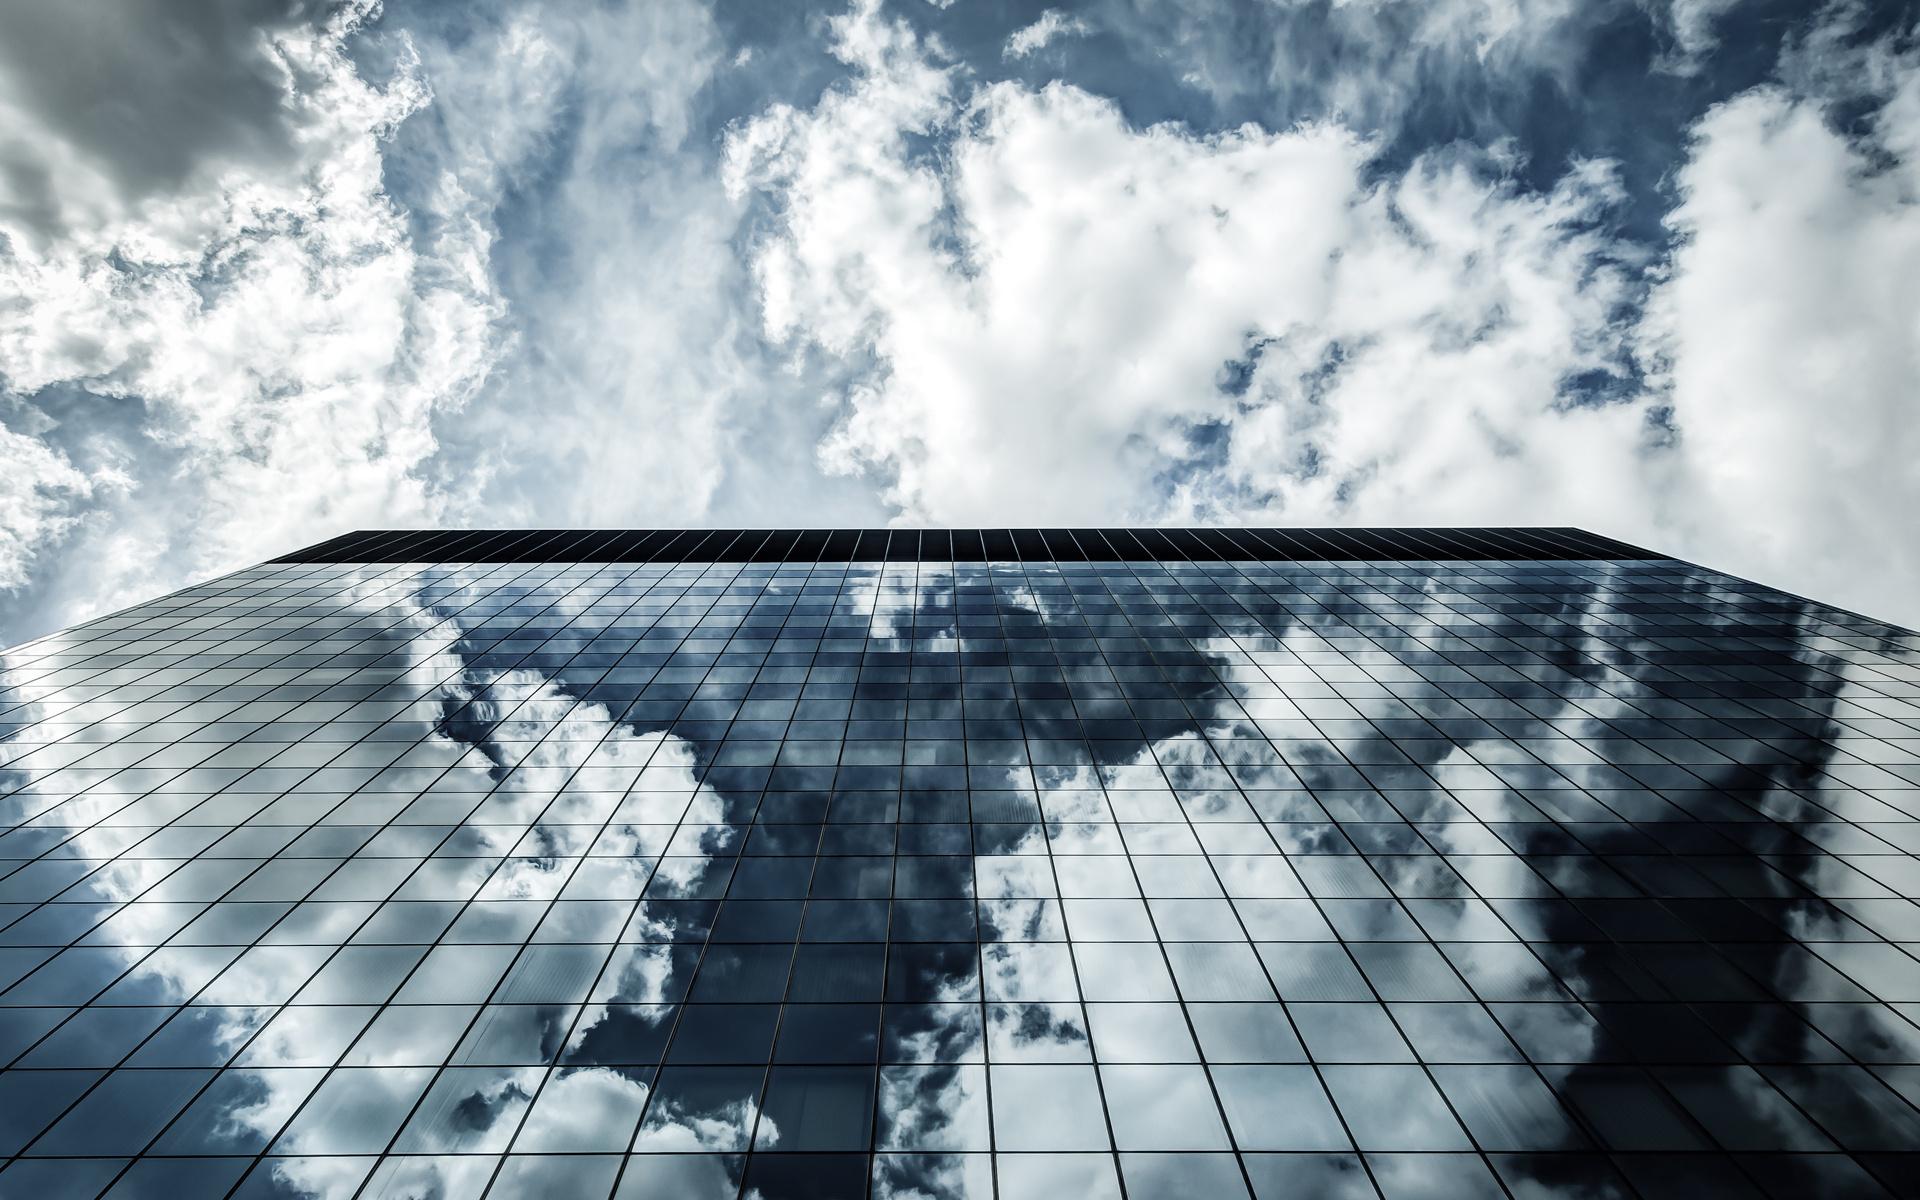 20916 скачать обои Пейзаж, Дома, Небо, Архитектура, Облака - заставки и картинки бесплатно